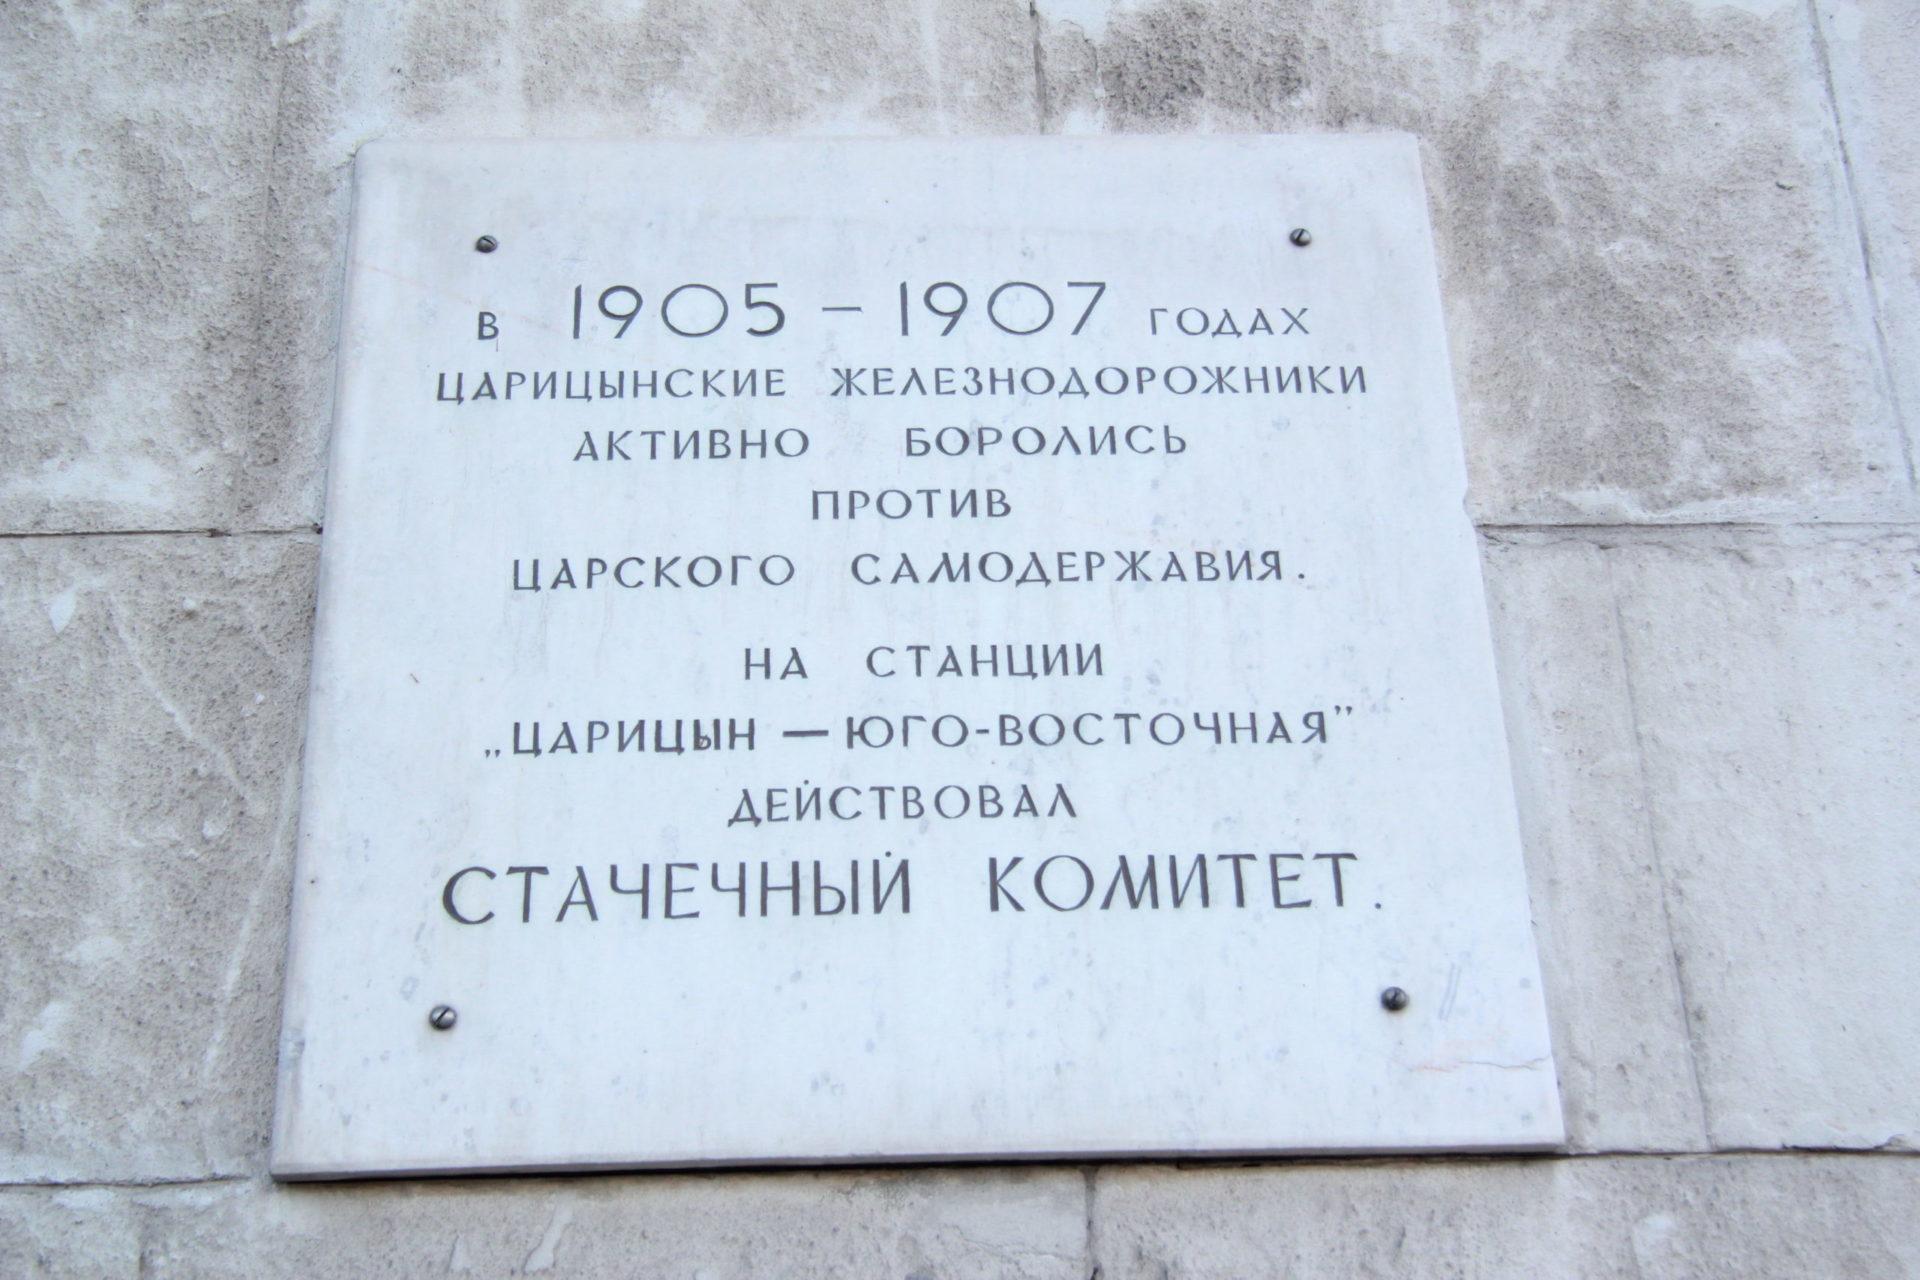 Место, где действовал стачечный комитет Царицынского железнодорожного узла, Волгоград, Центральный район